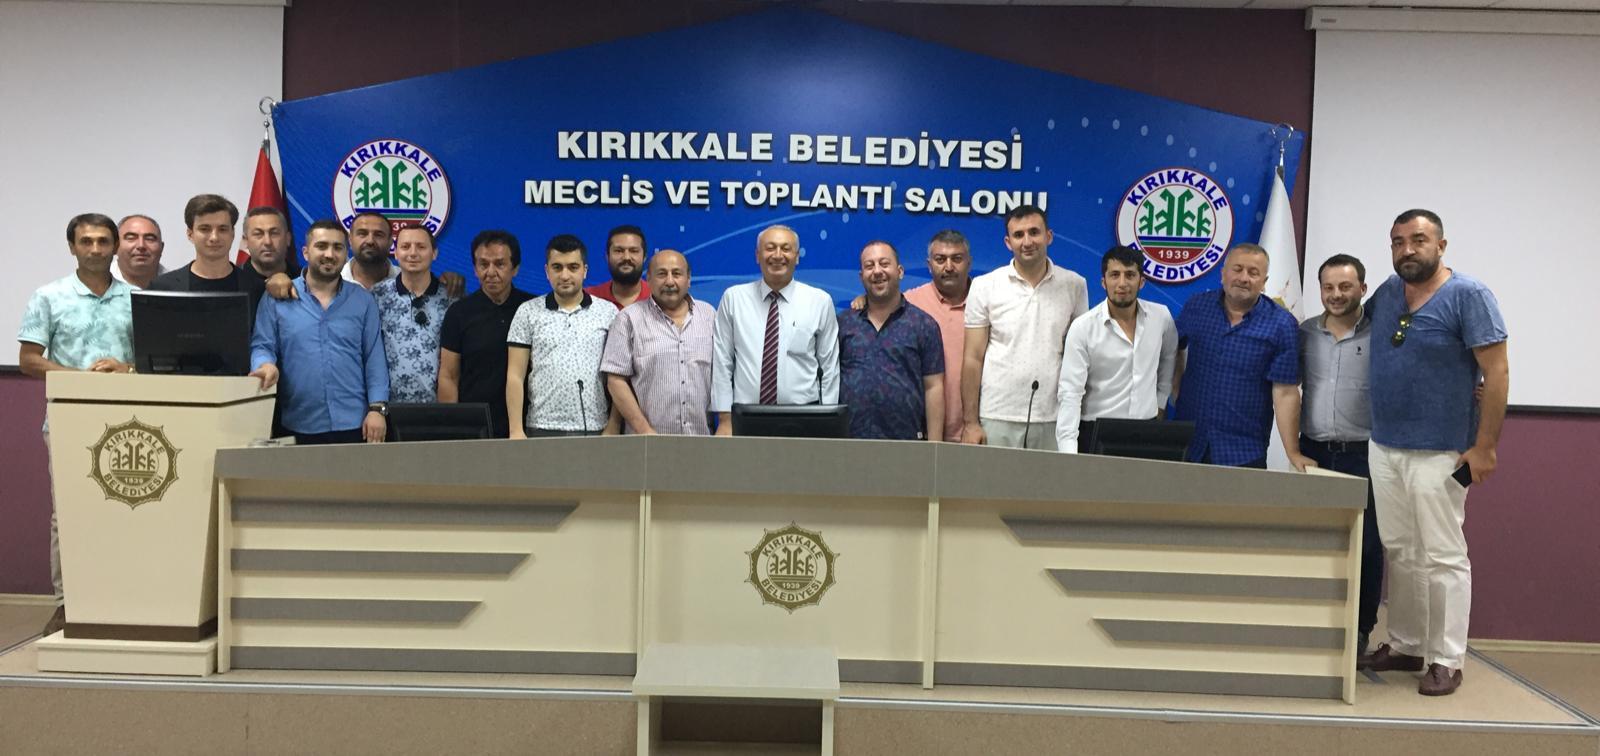 285E5CE8 AA2C 4F12 B870 502B2F9BDF79 - Büyük Anadolu Kırıkkalespor'da Koçoğlu Dönemi